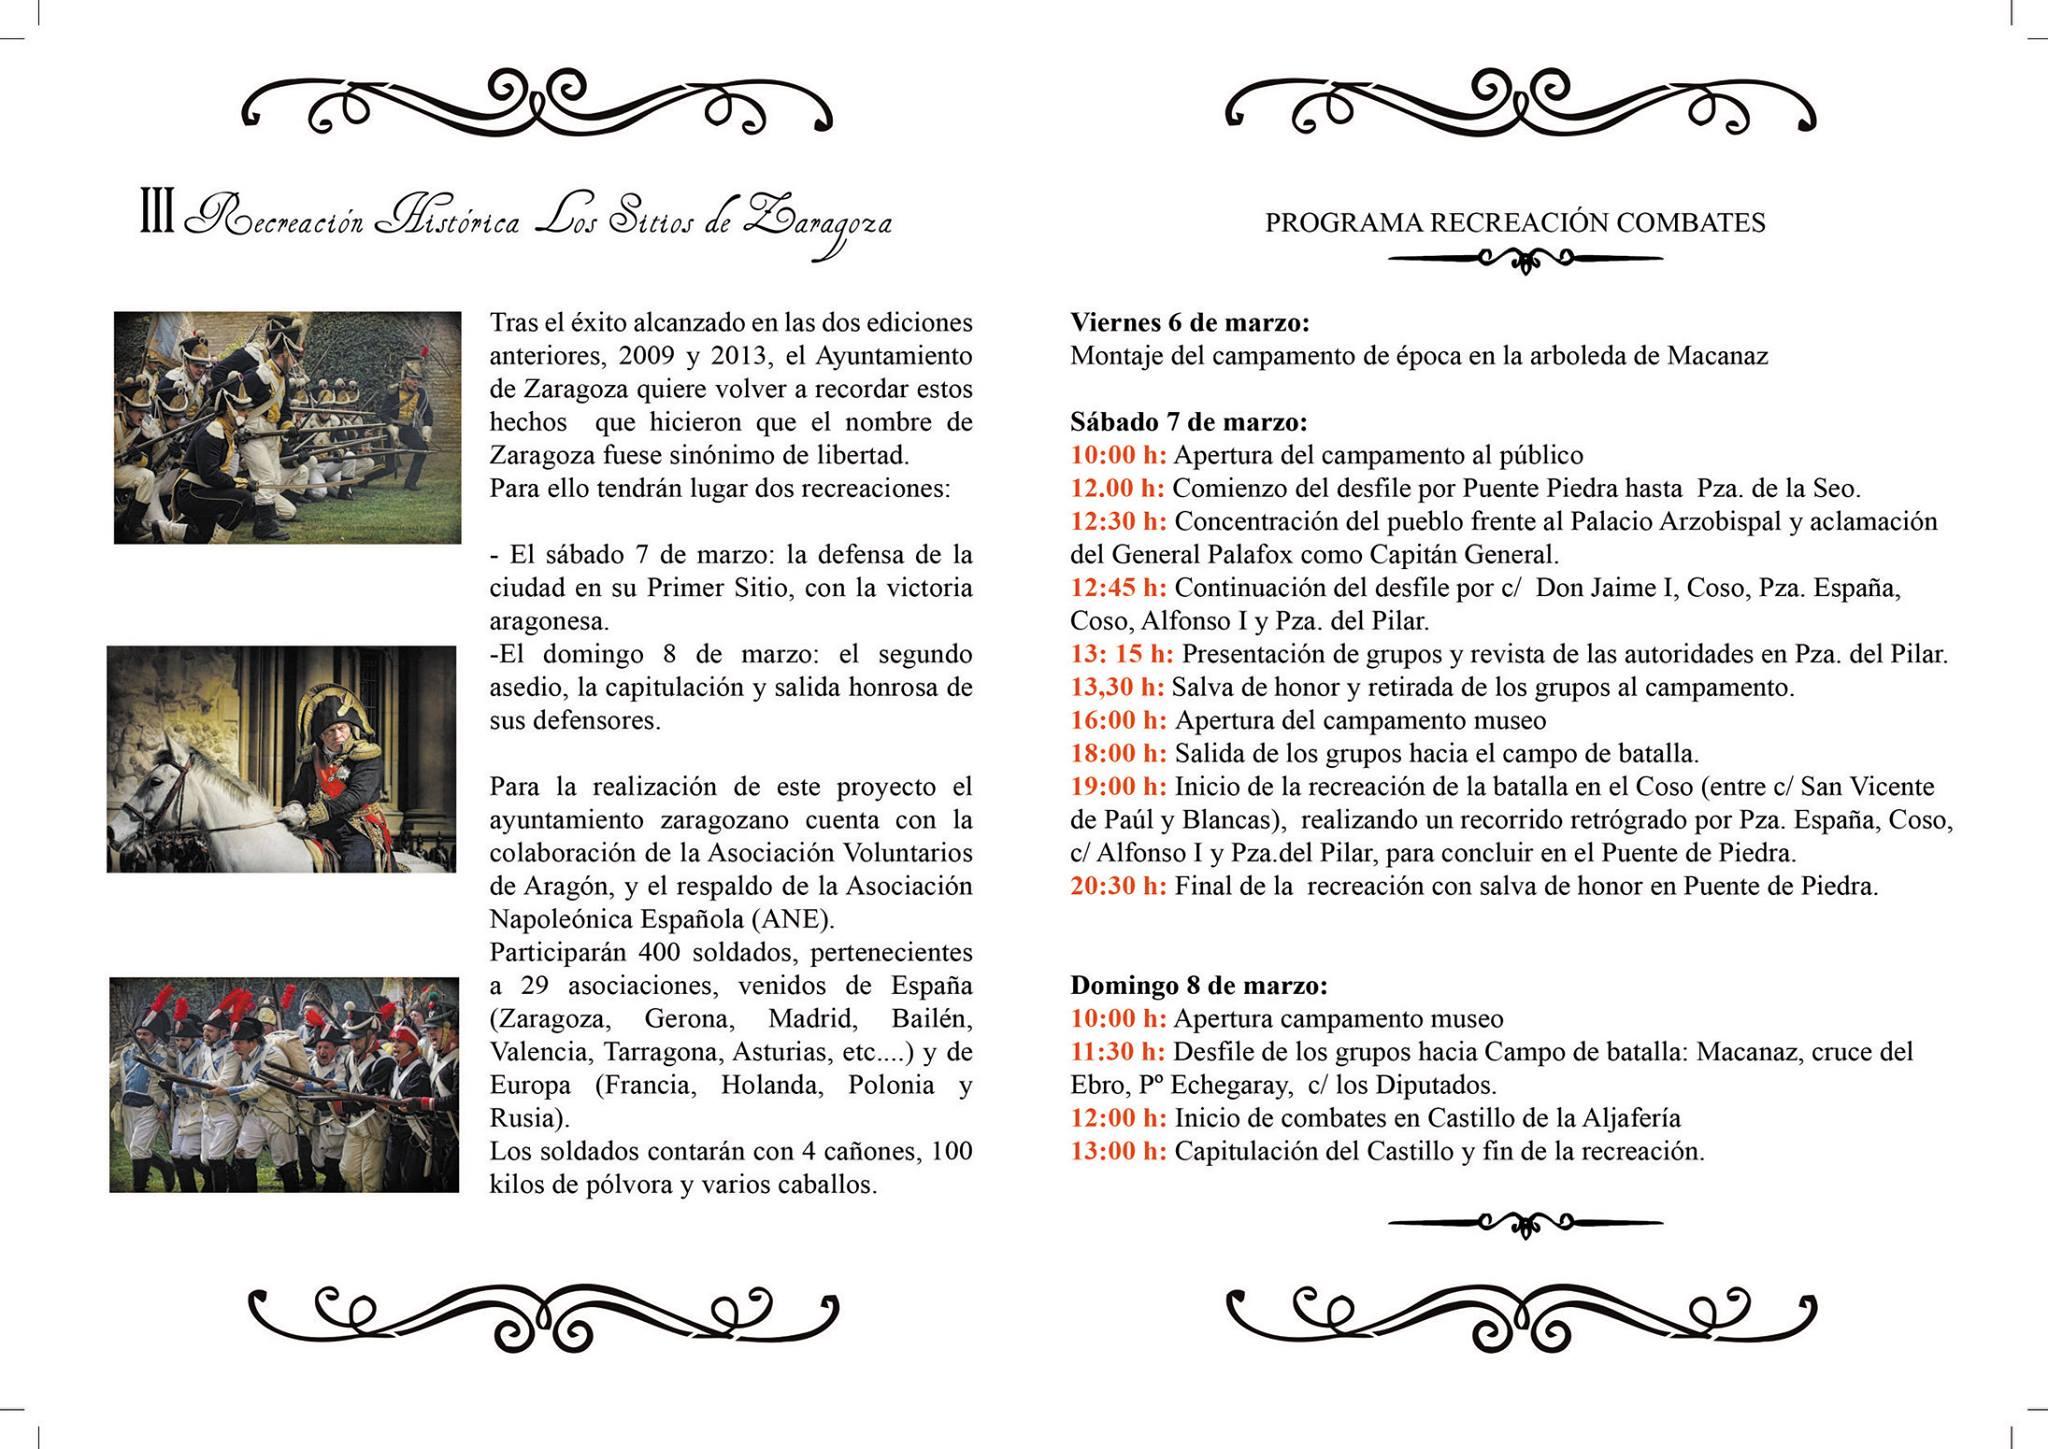 III Recreación histórica de los Sitios de Zaragoza